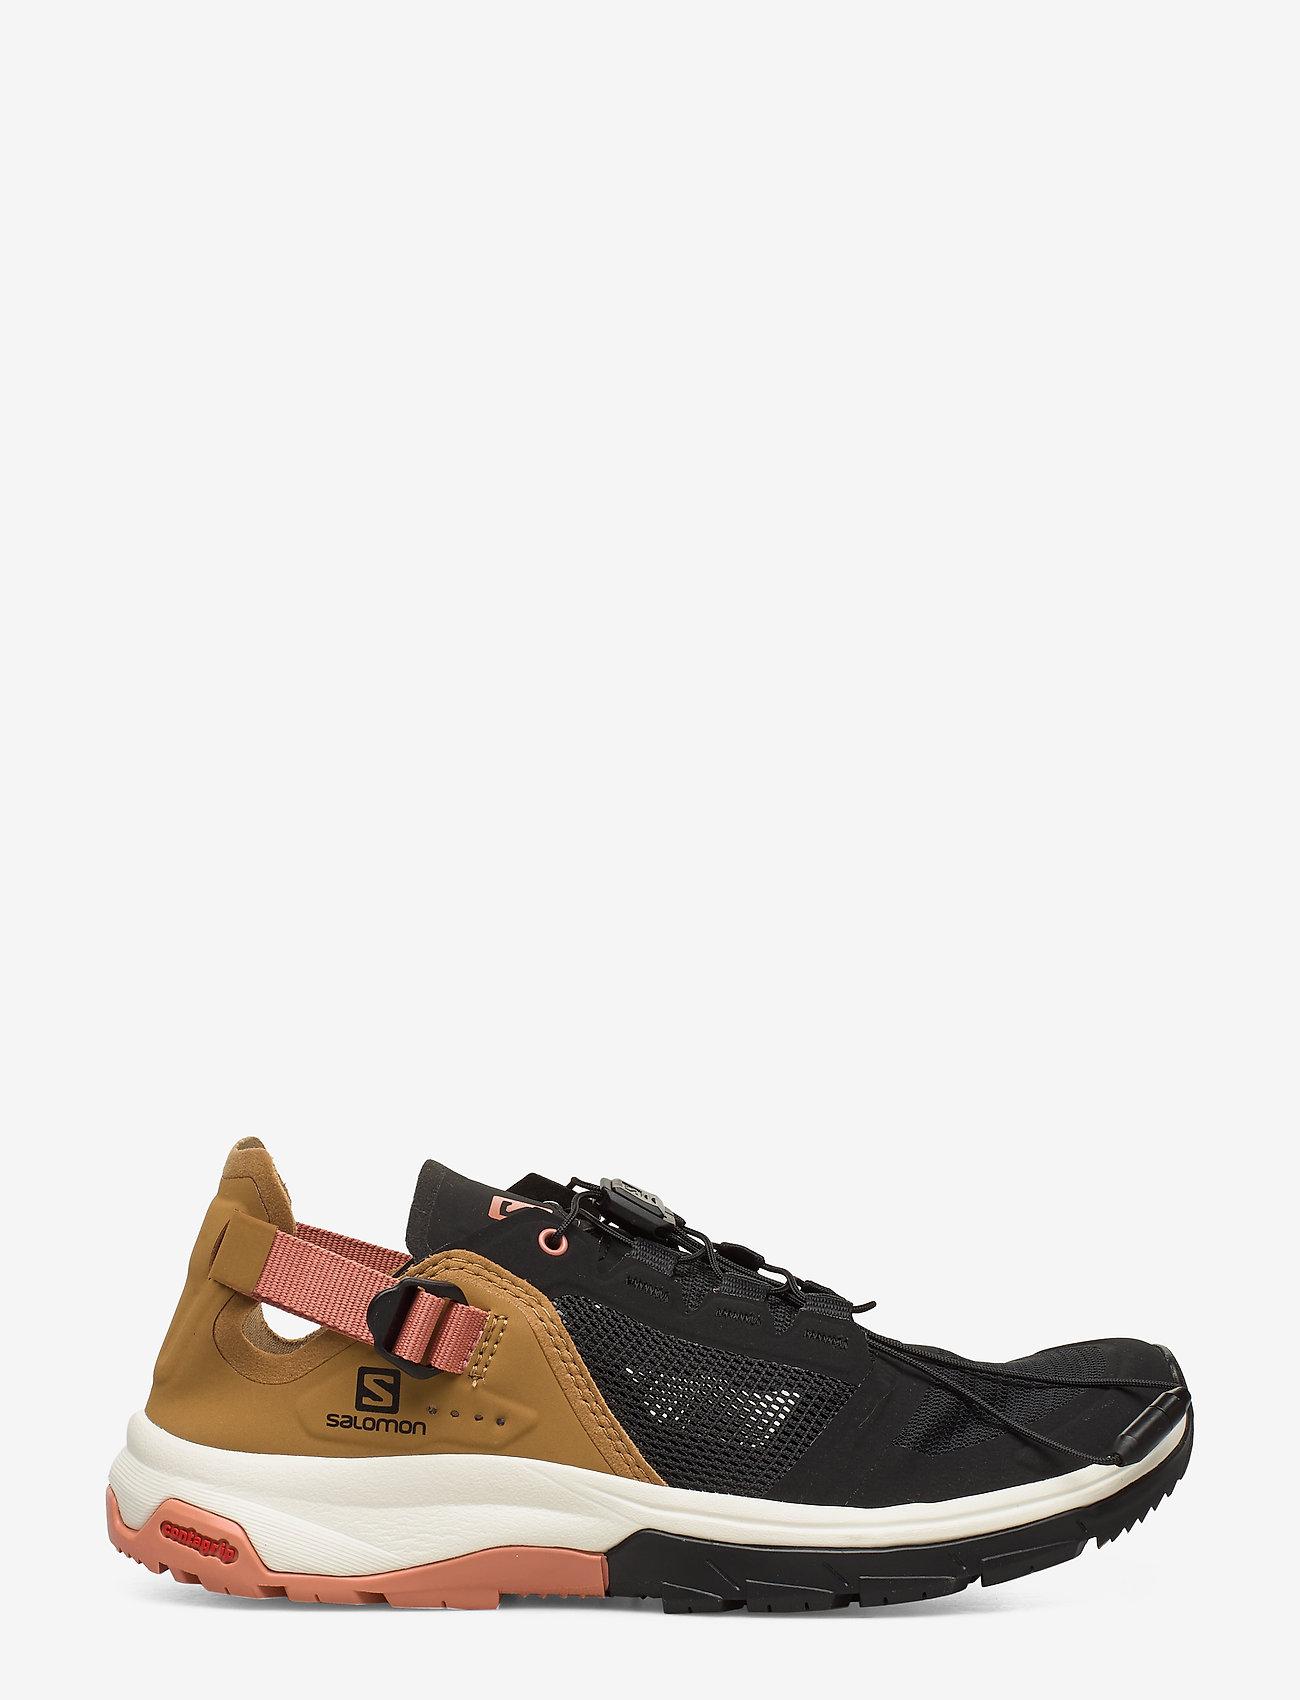 Shoes Tech Amphib 4 W (Black/bistre/tawny Orange) - Salomon 32AHdo